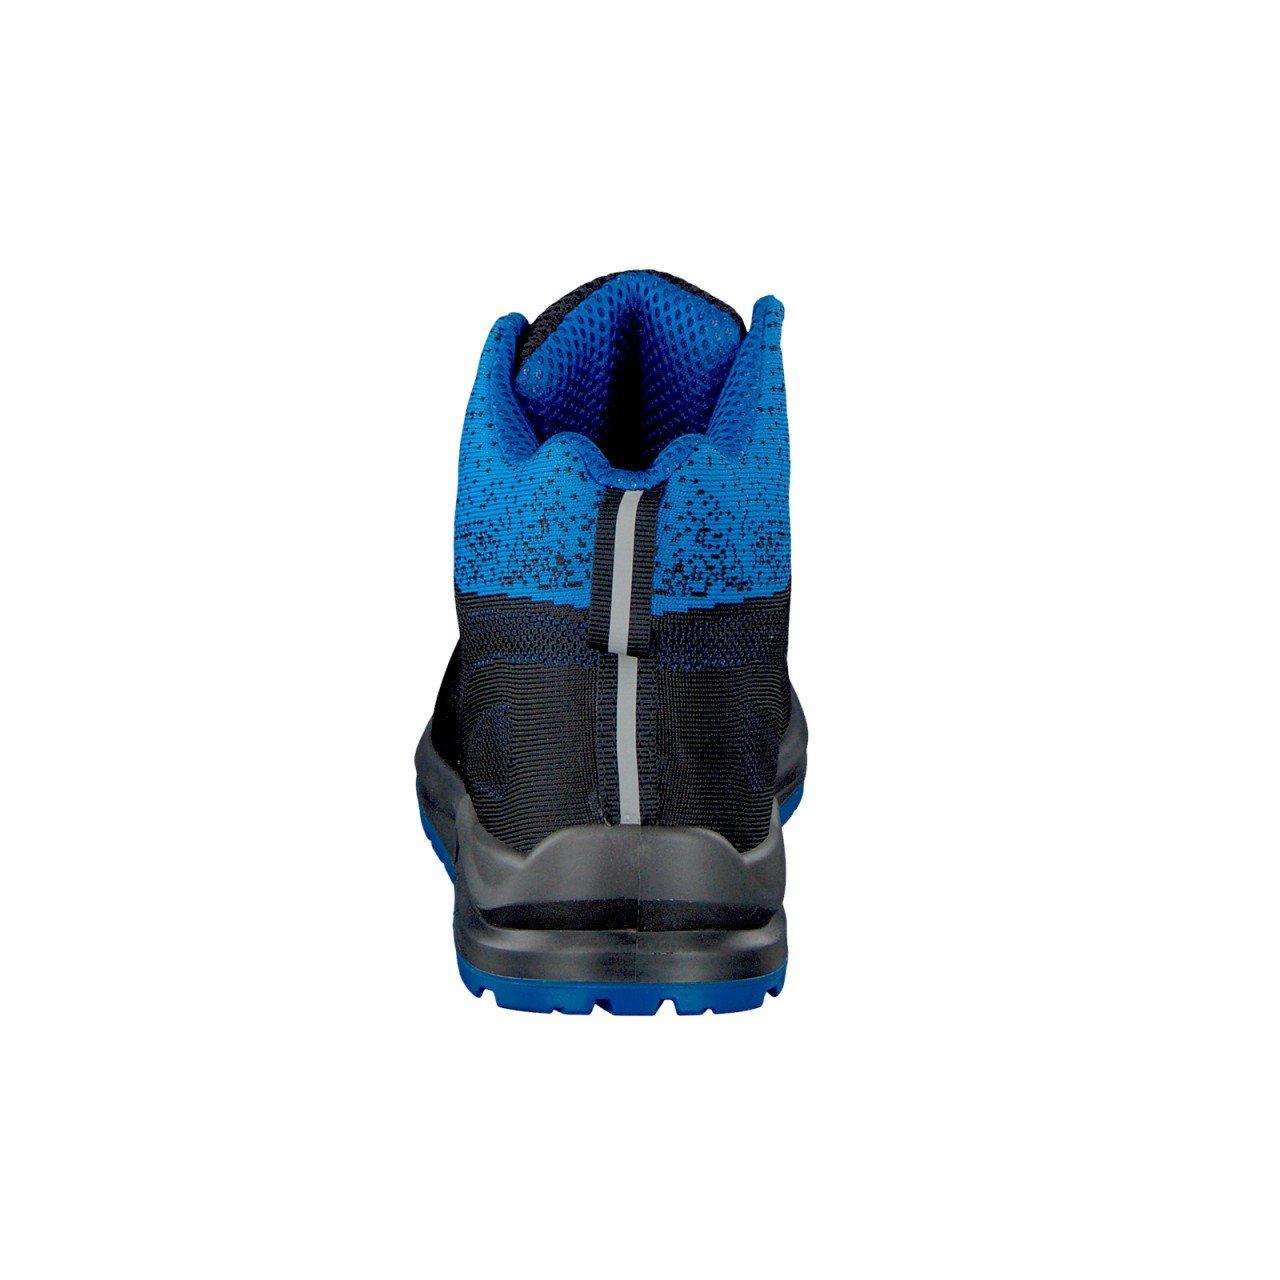 WORK2DO Sportlicher Sicherheitsstiefel Berufsschuhe Arbeitsschuhe S1P, Schwarz/Blau